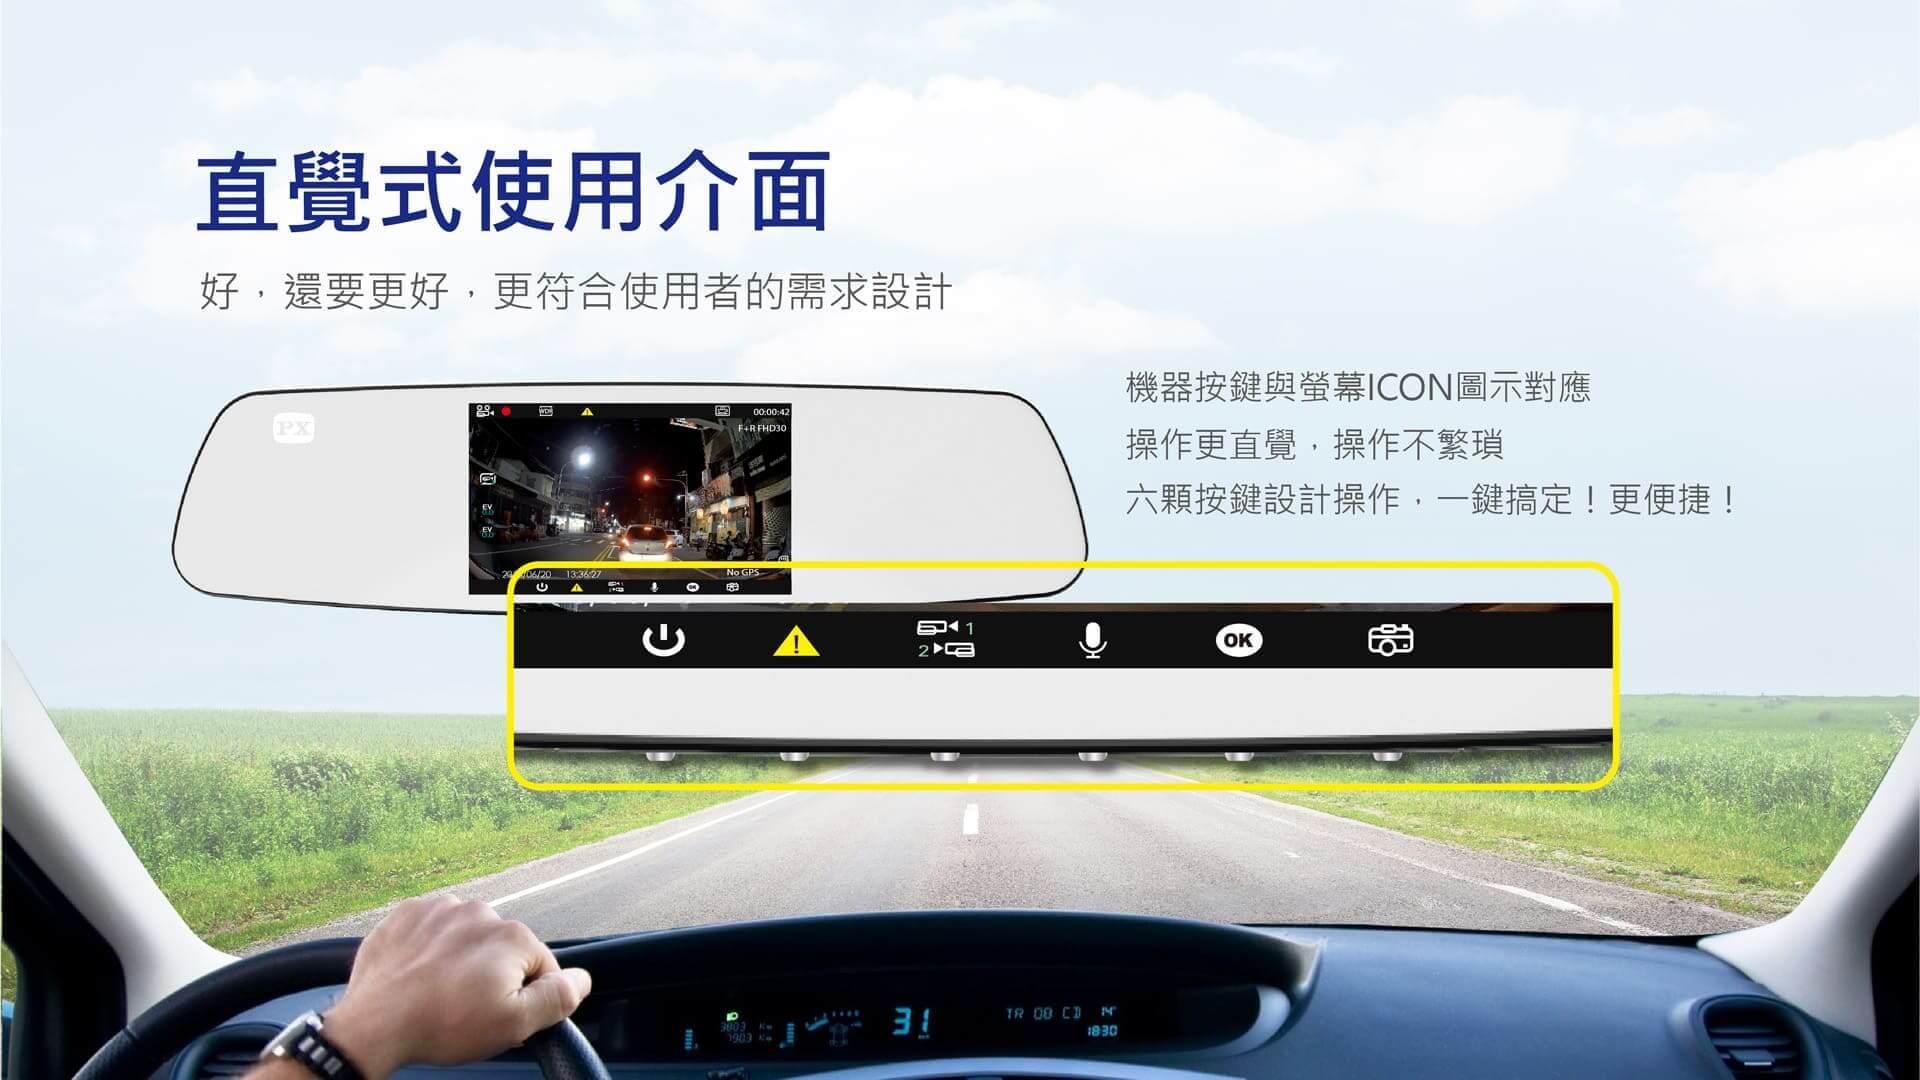 proimages/product/Dash_Cam/V90/V90-0925_11.jpg